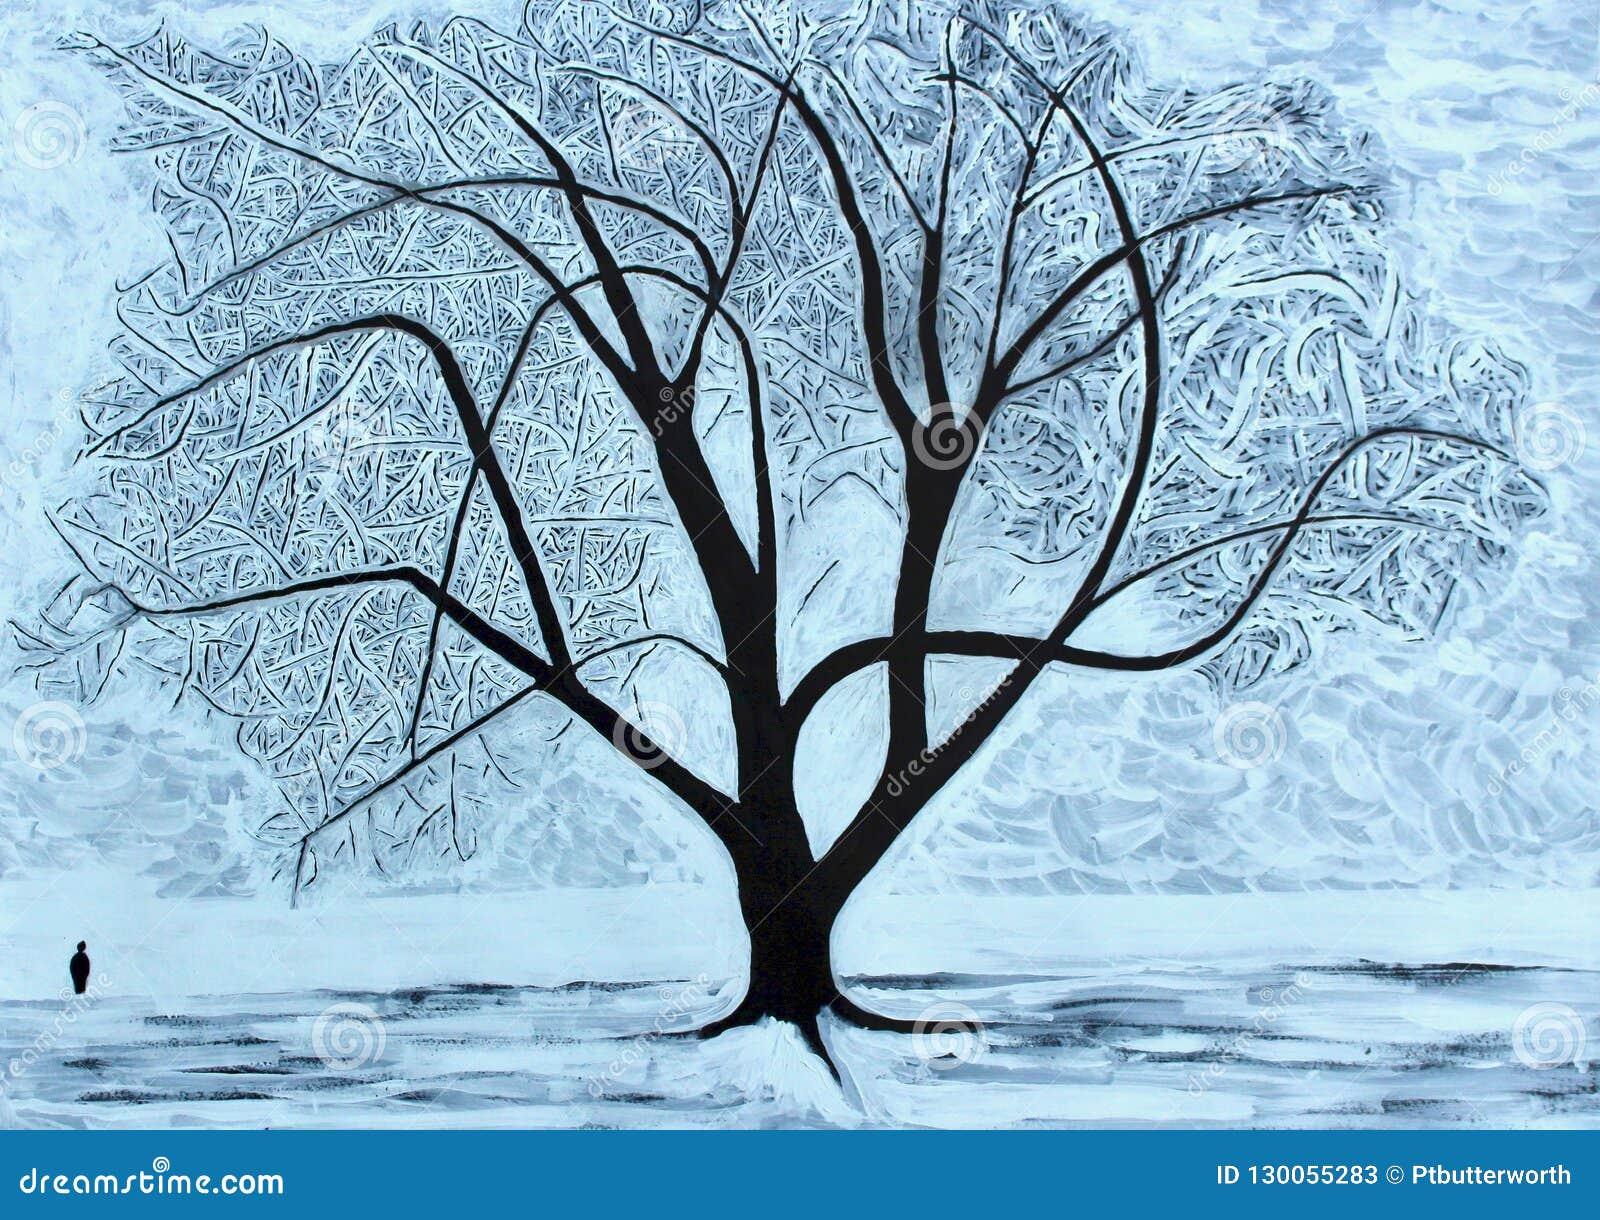 设计图象结构树冬天